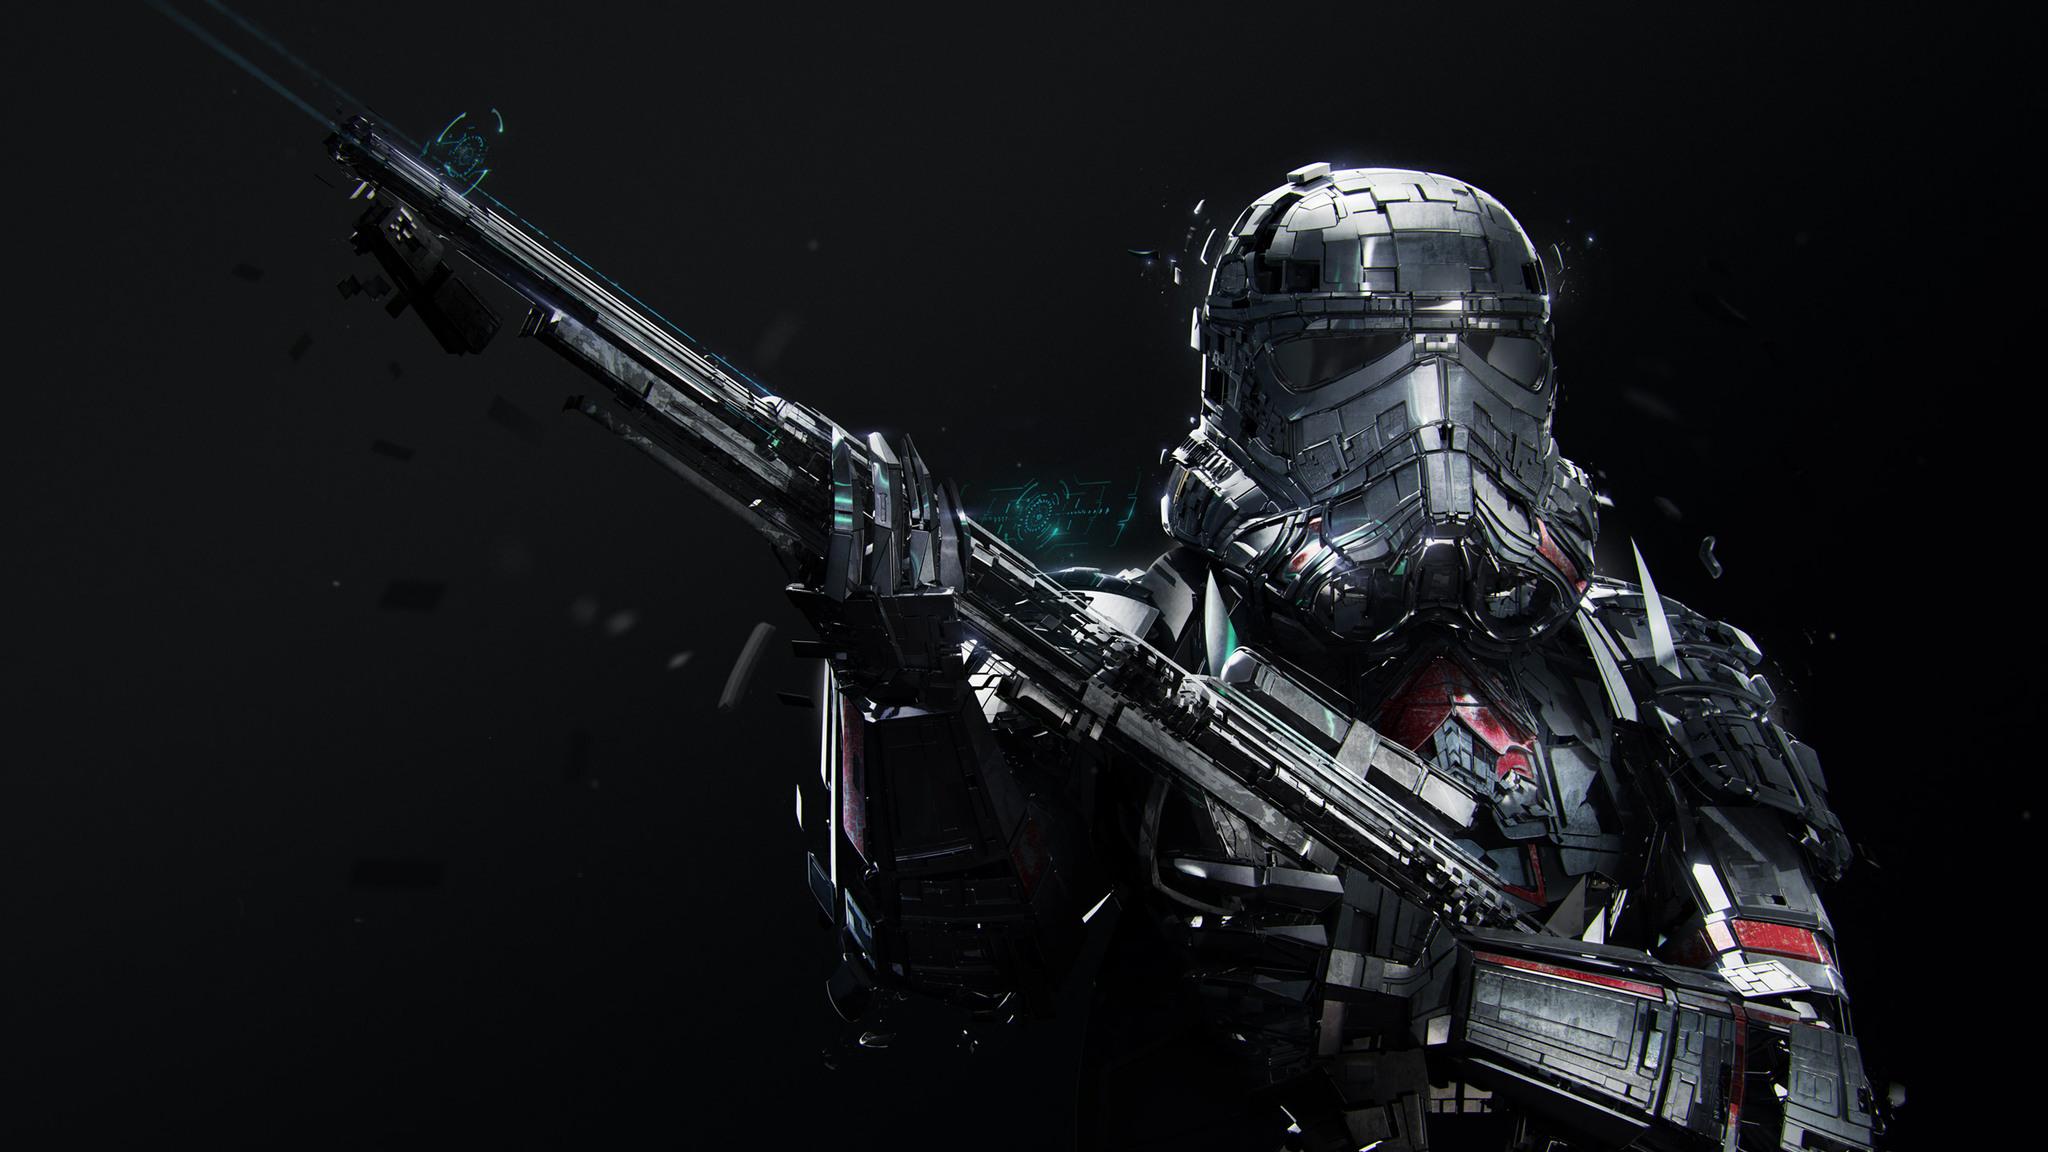 2048x1152 Star Wars Stormtrooper 2048x1152 Resolution HD ...